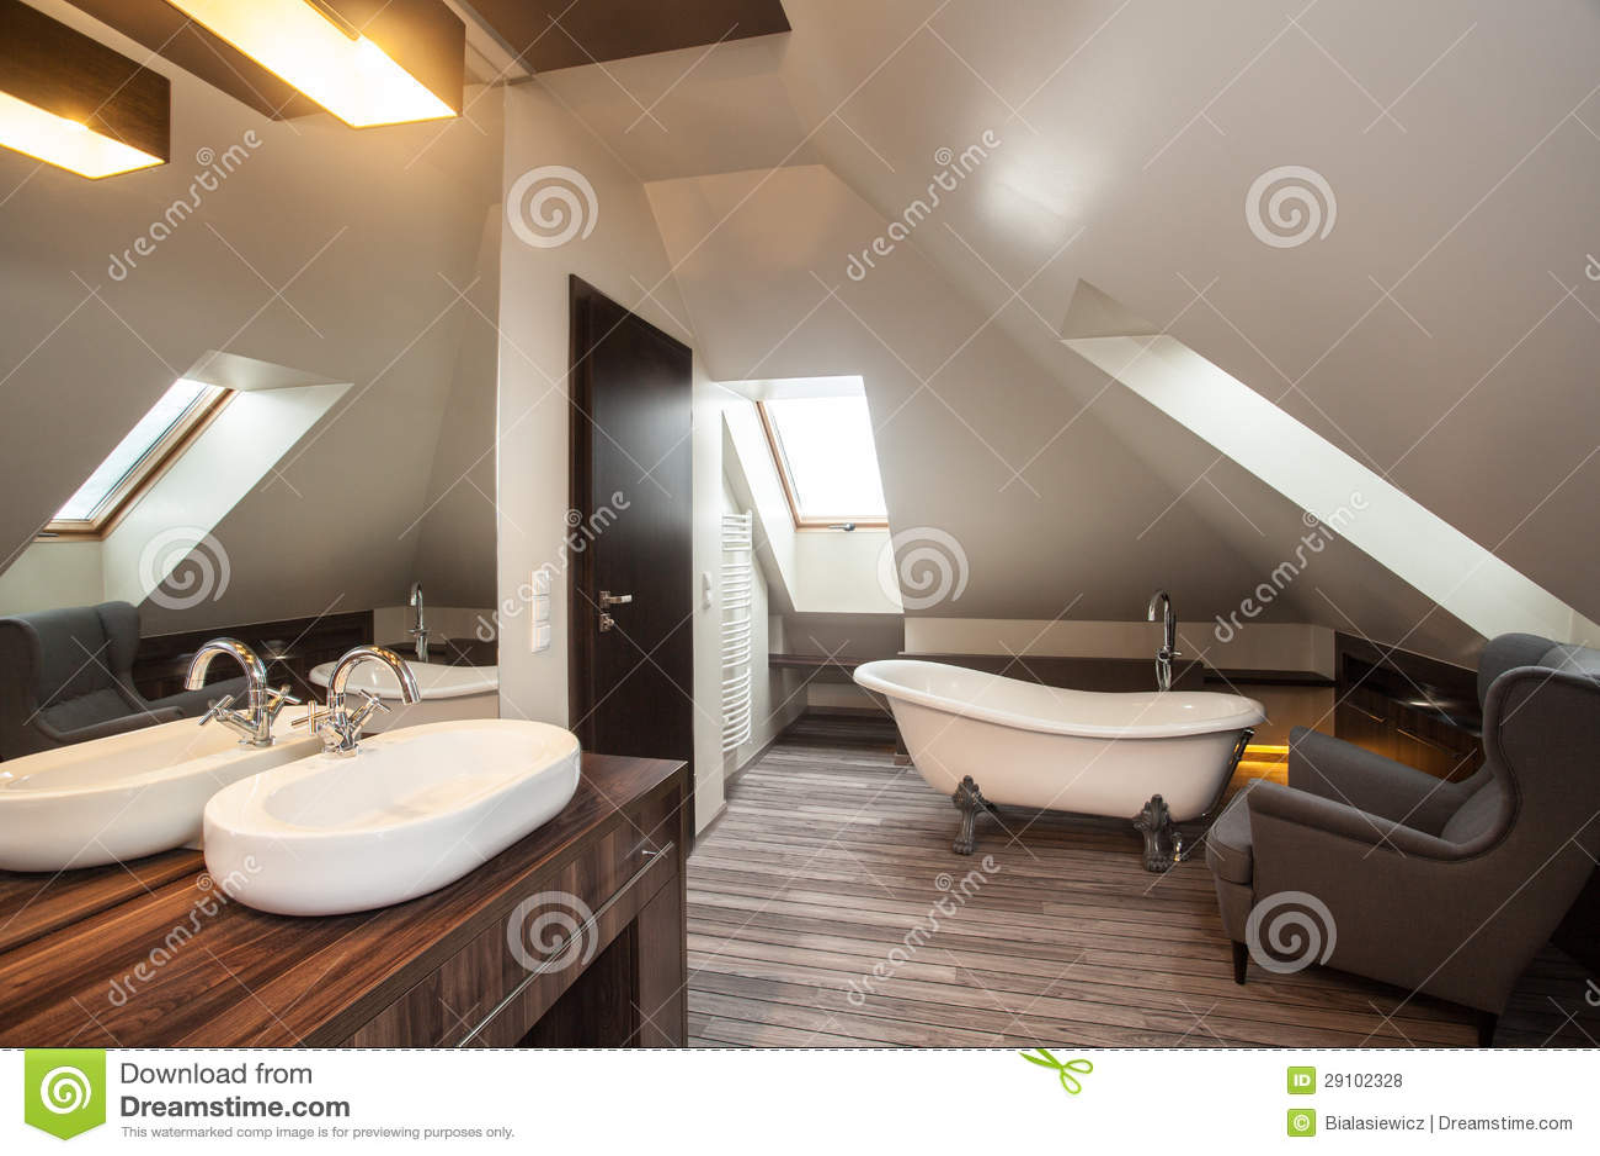 Landhaus  Badezimmer Lizenzfreie Stockfotos  Bild 29102328